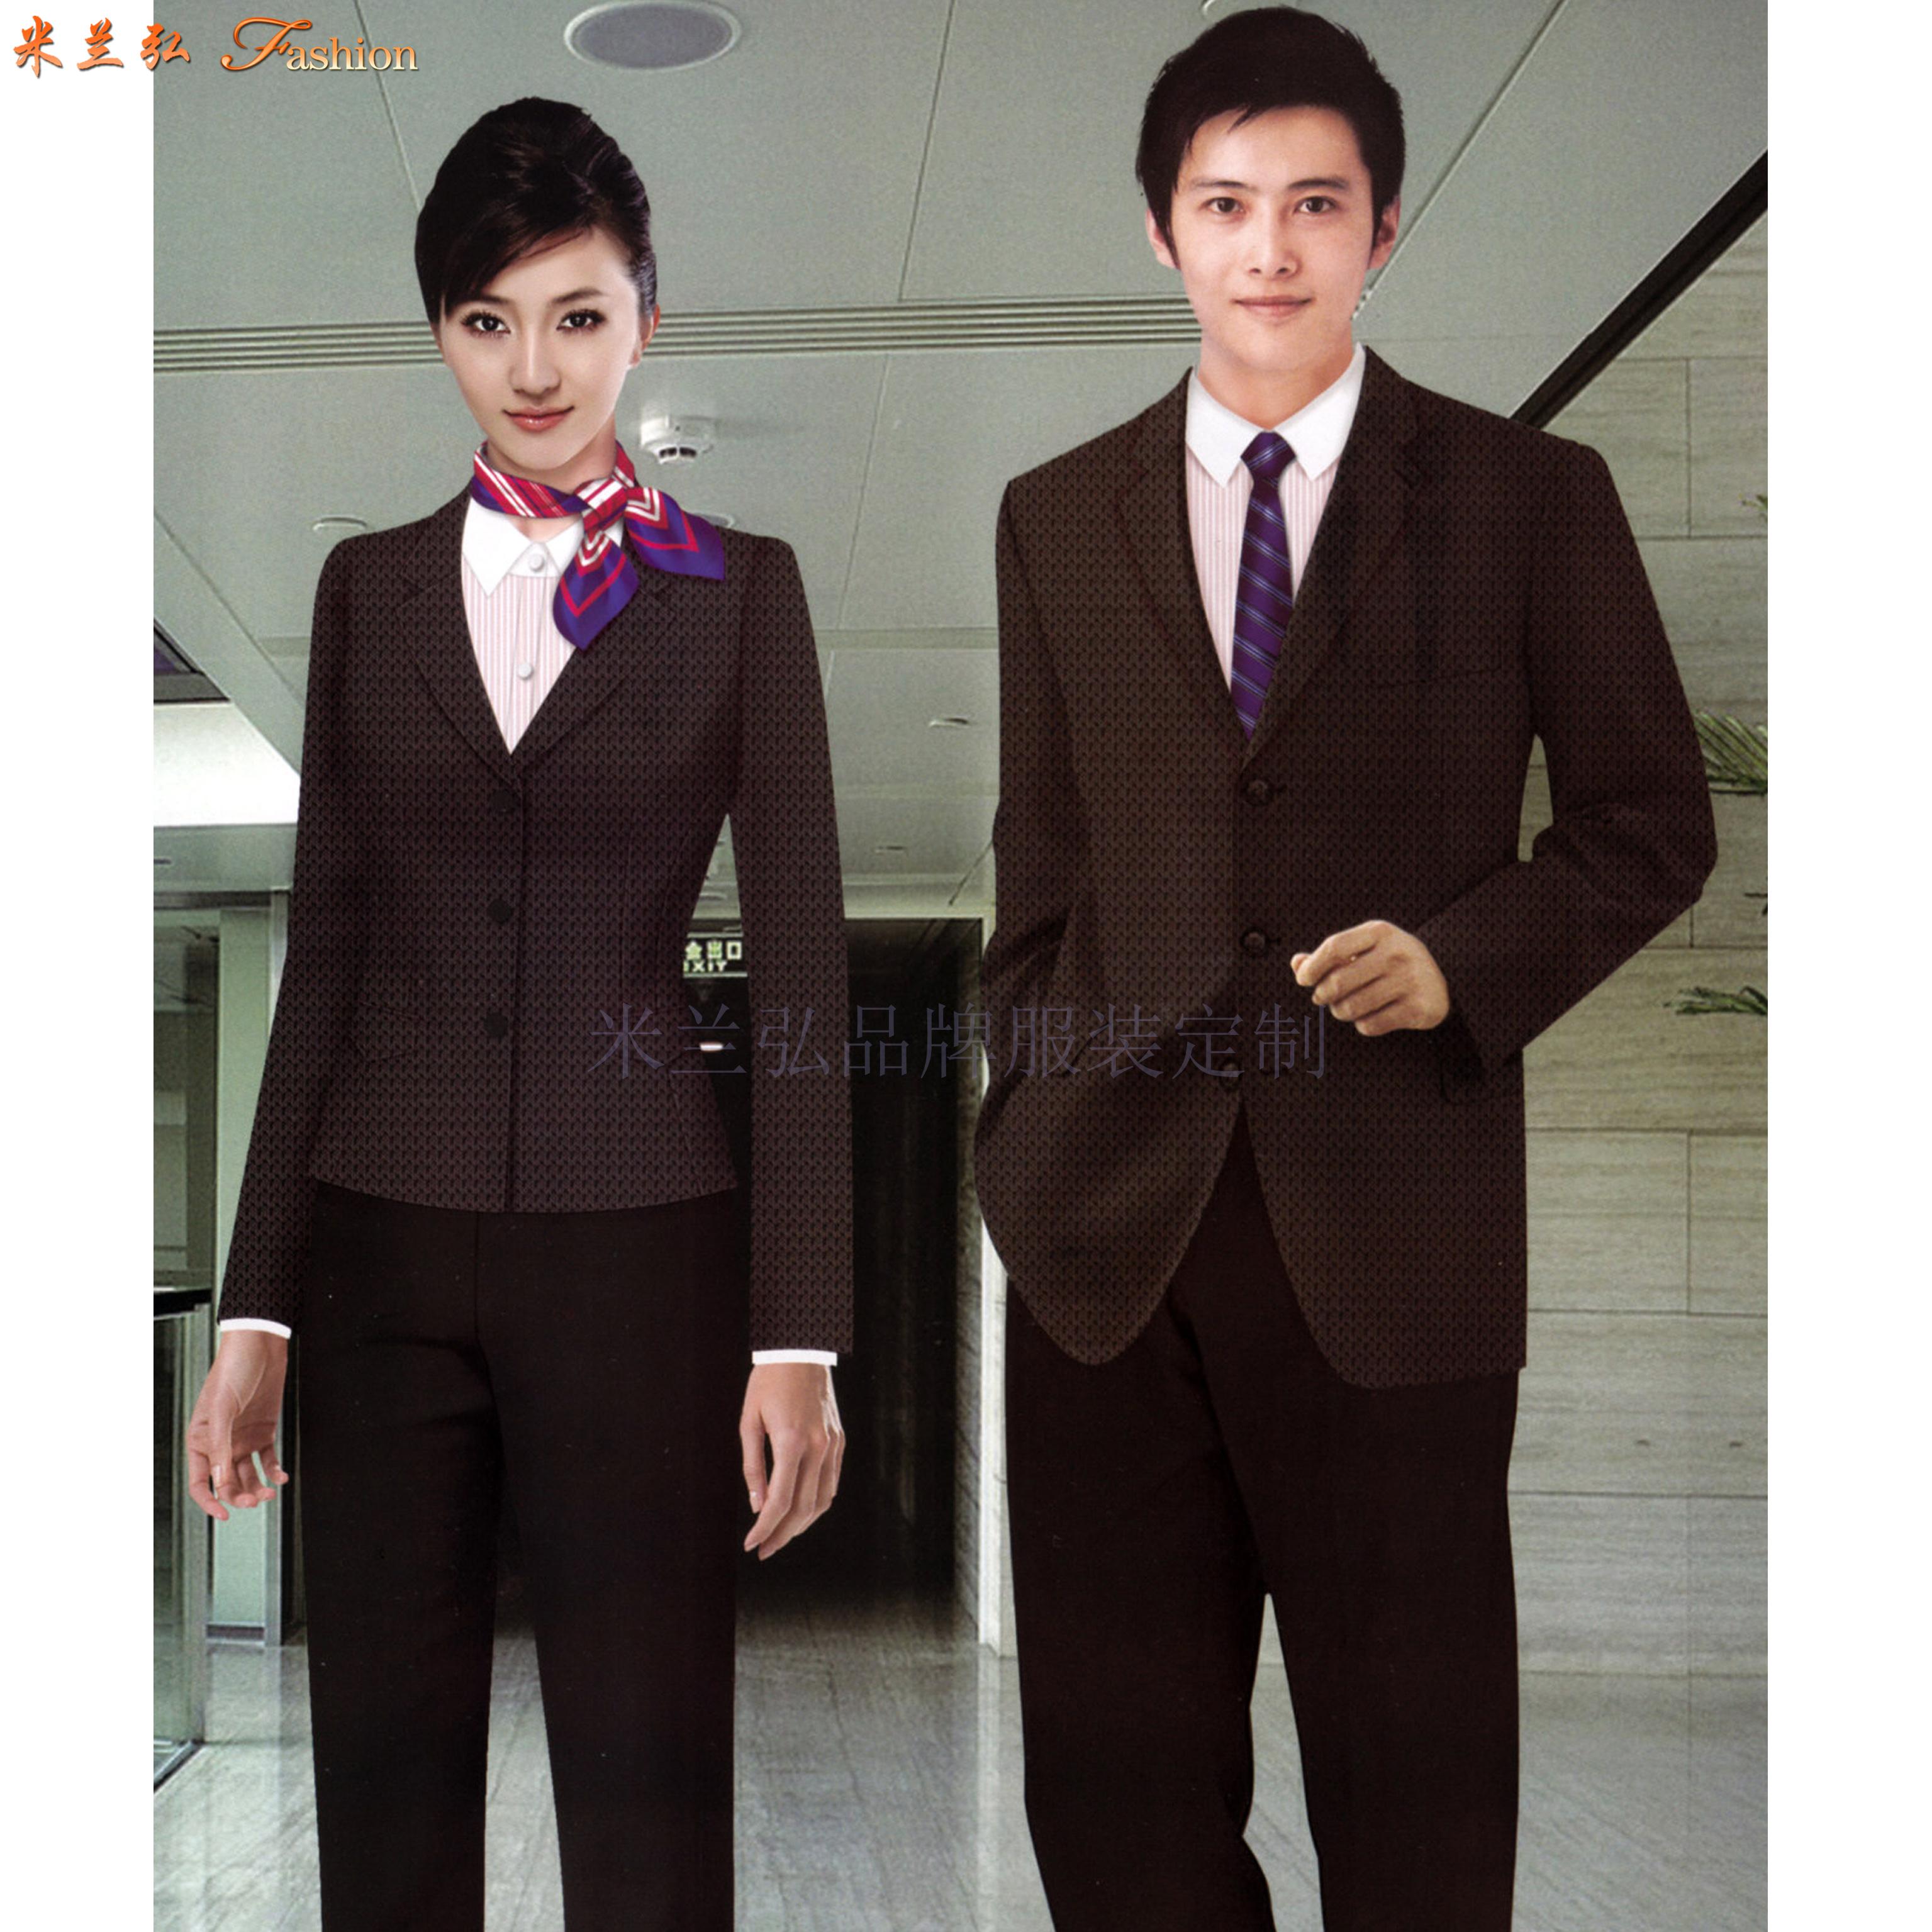 北京西服定制|图片_价格_参数_面料_尺寸_厂家-米兰弘服装-6